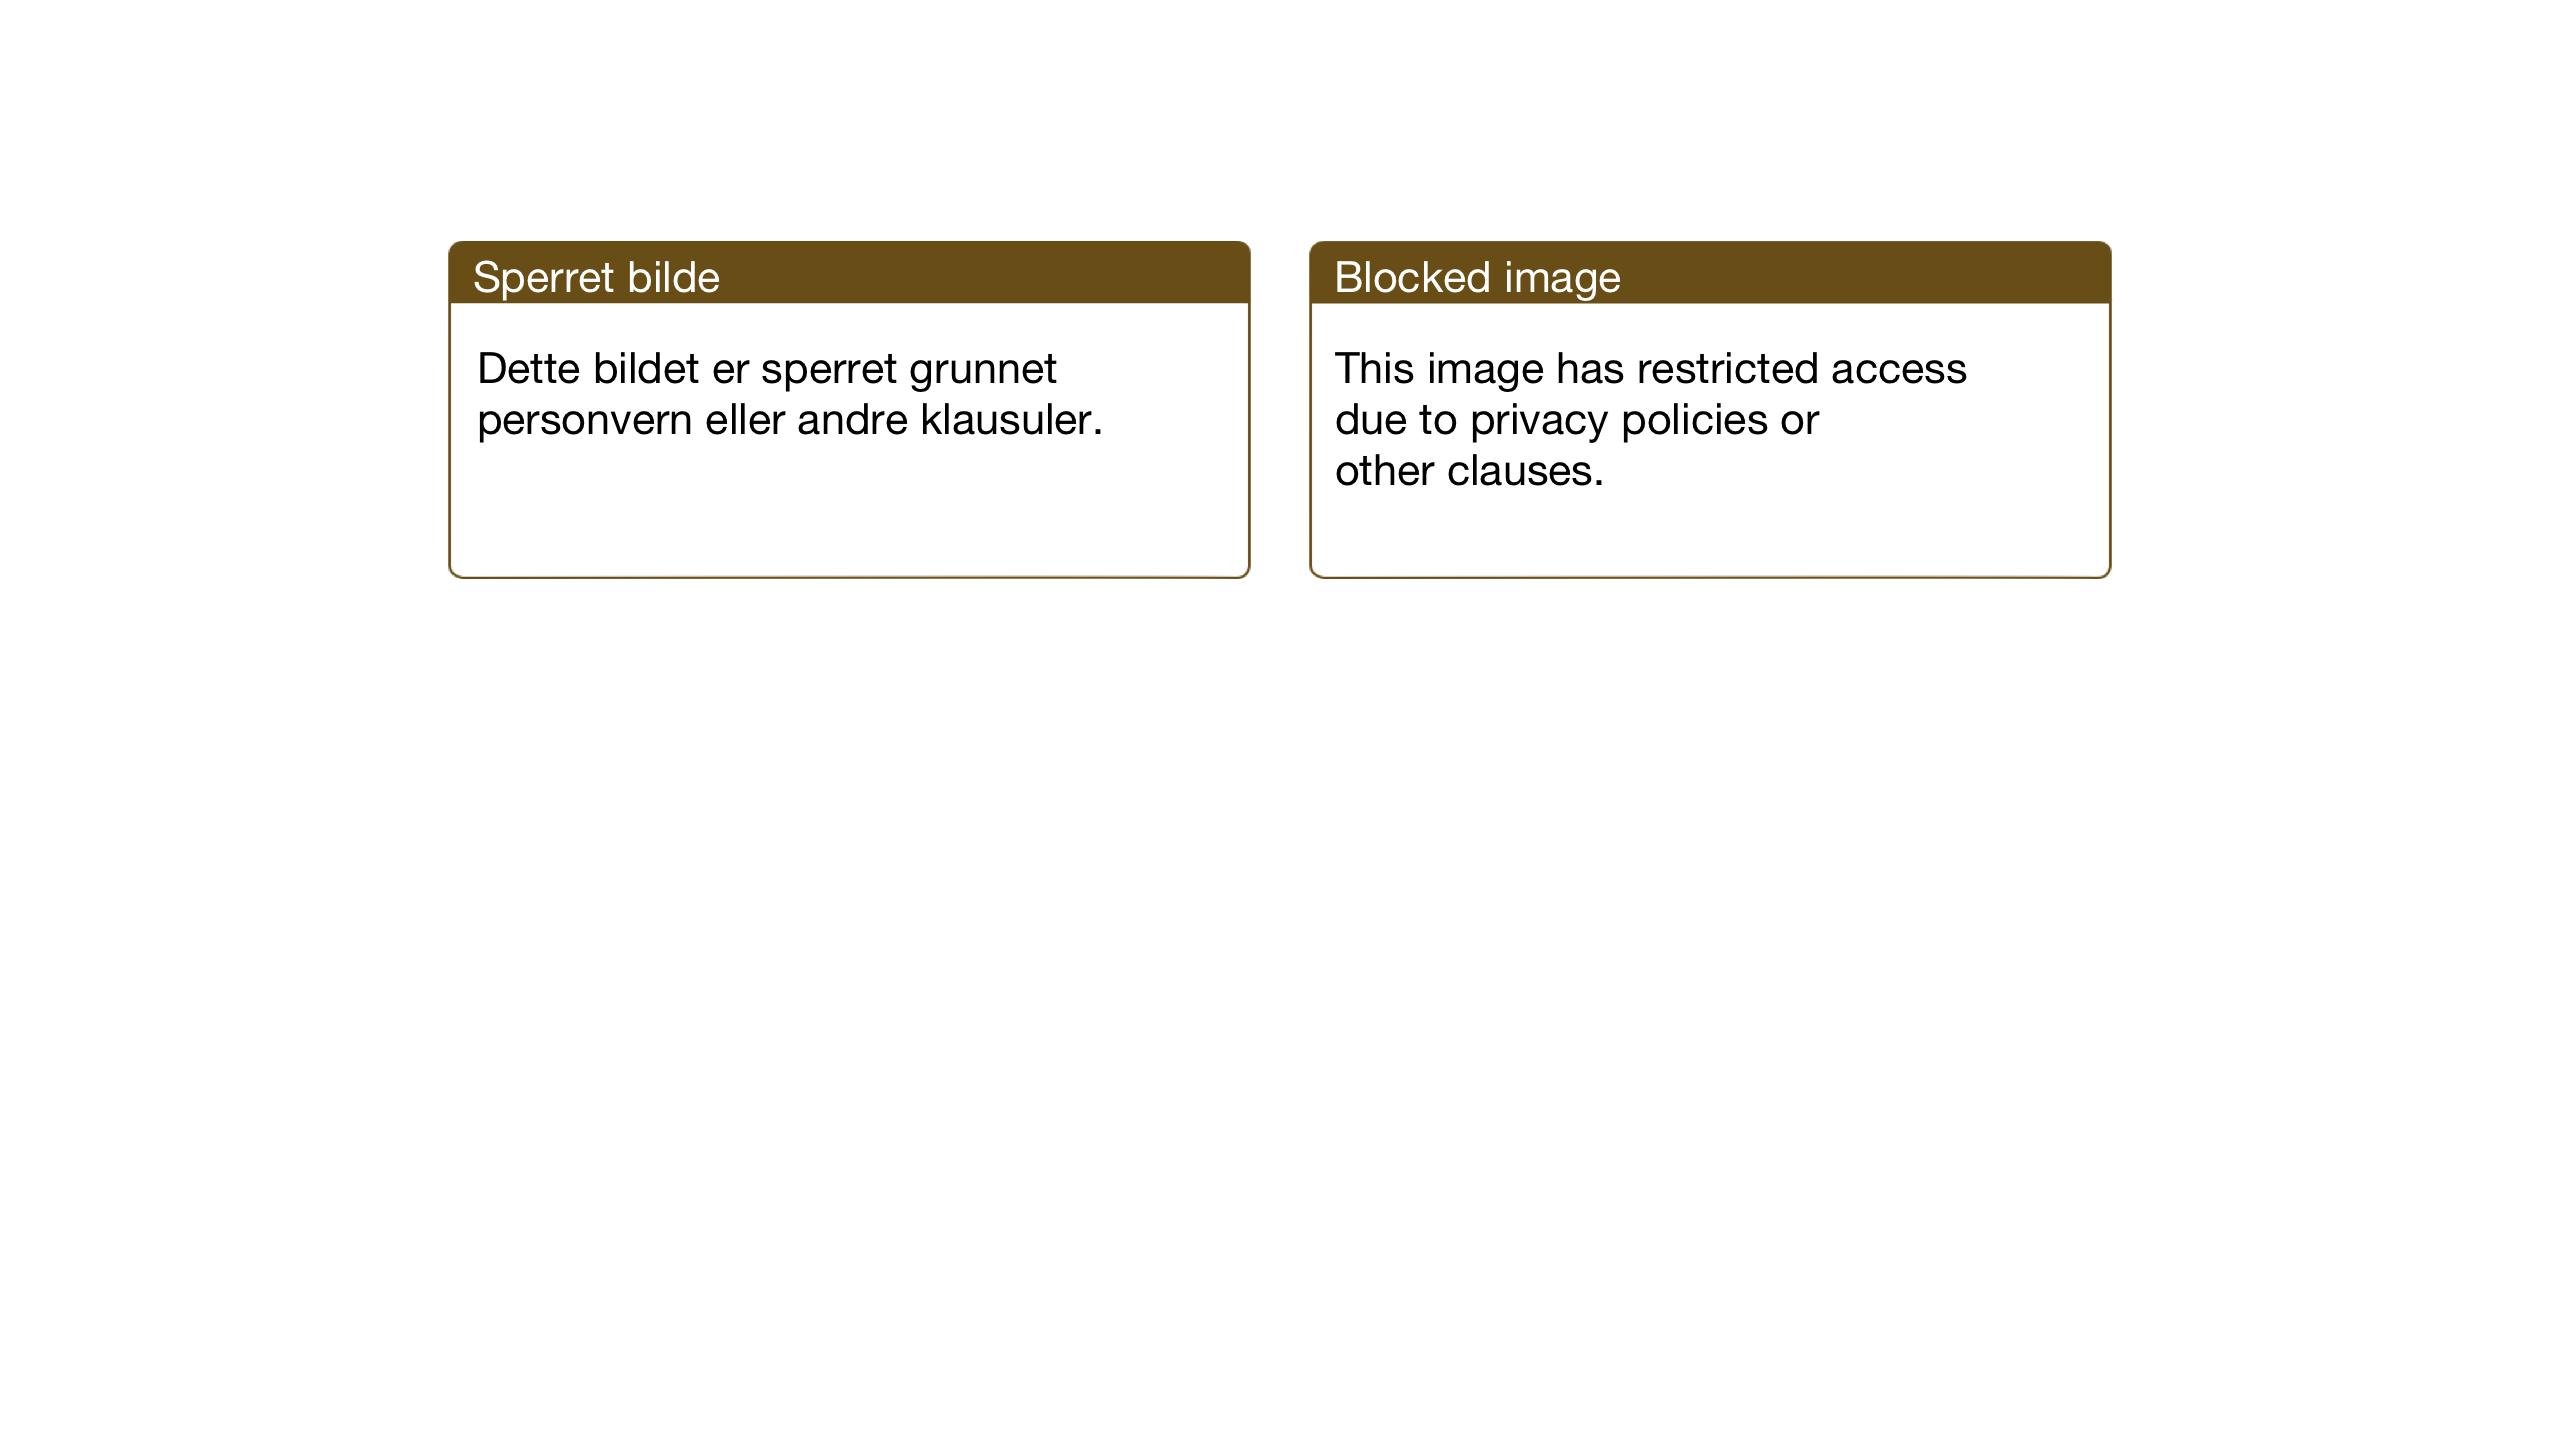 SAT, Ministerialprotokoller, klokkerbøker og fødselsregistre - Sør-Trøndelag, 662/L0758: Klokkerbok nr. 662C03, 1918-1948, s. 281